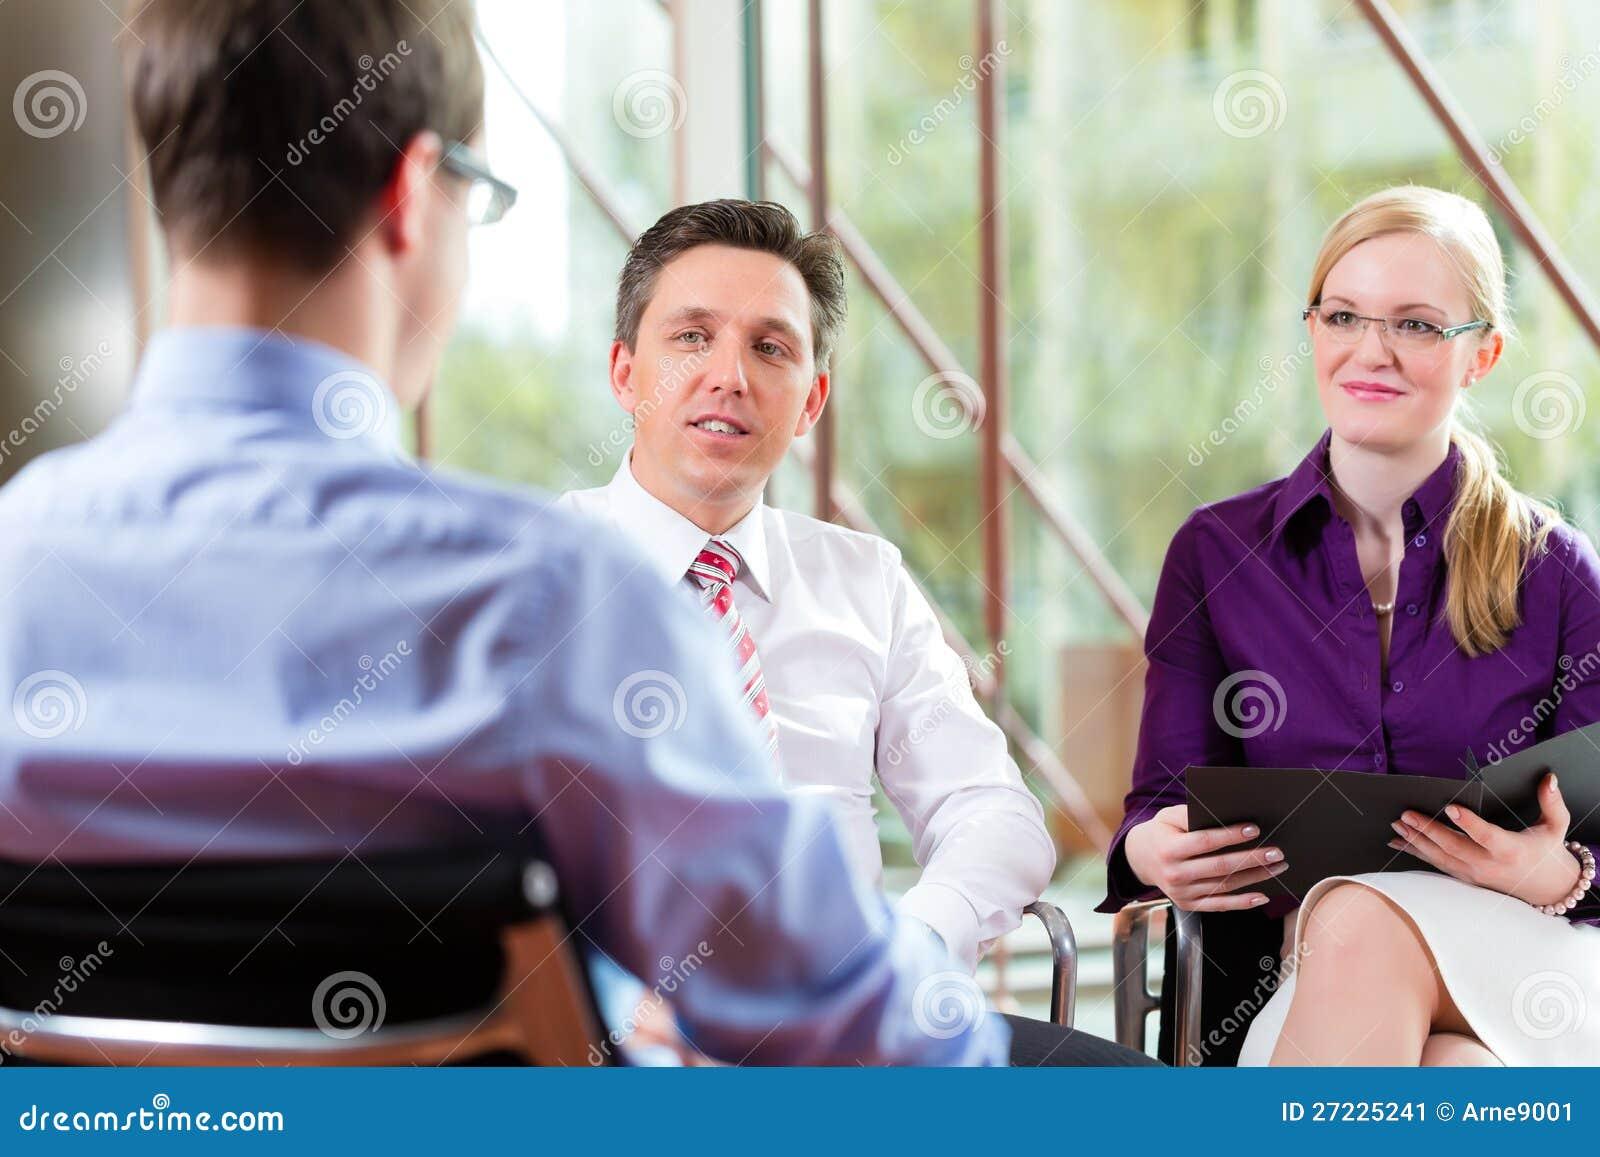 Affär - ung man och vd i jobbintervju